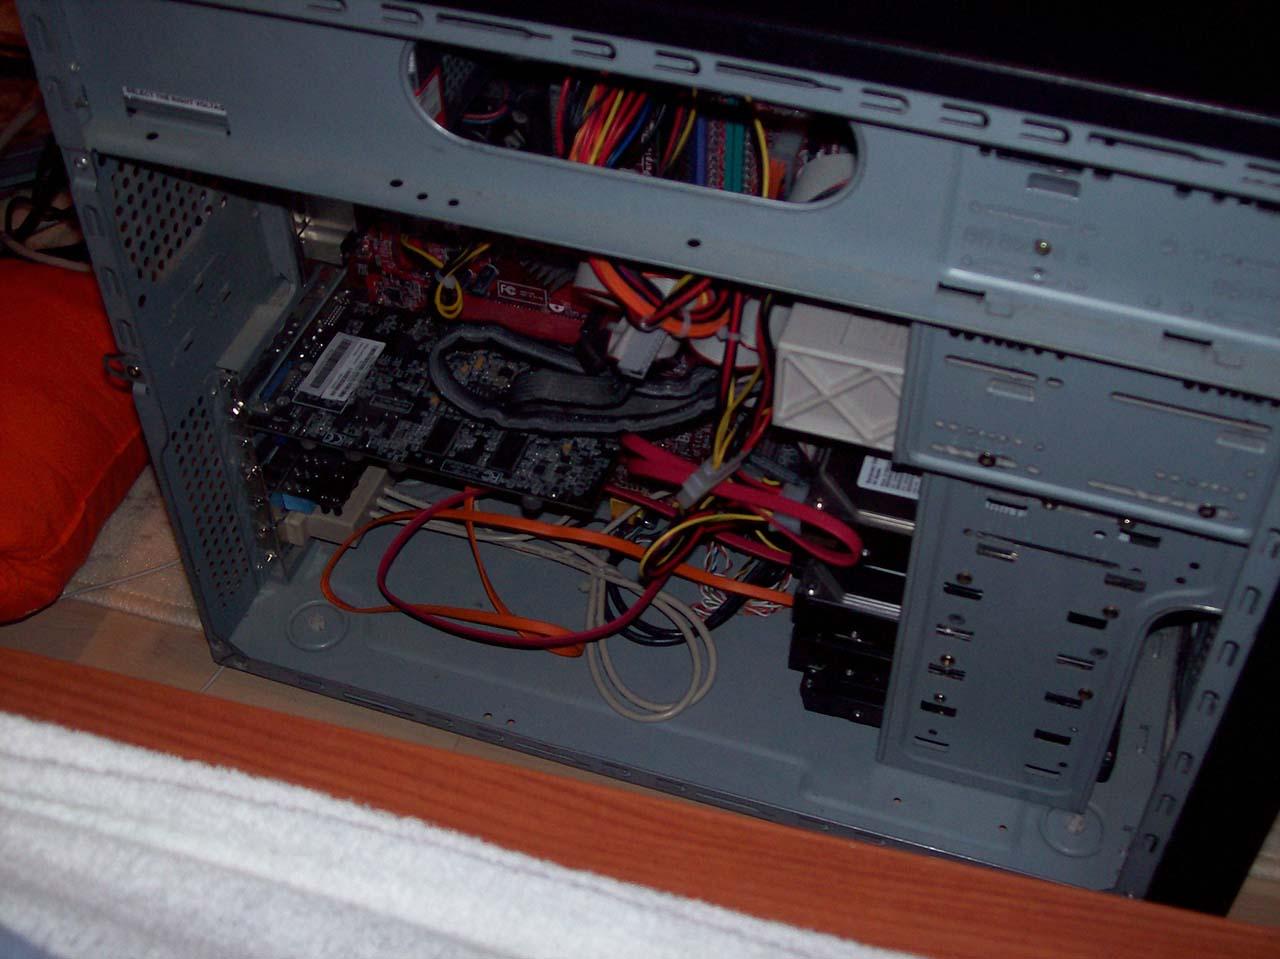 2007 Gépem PC